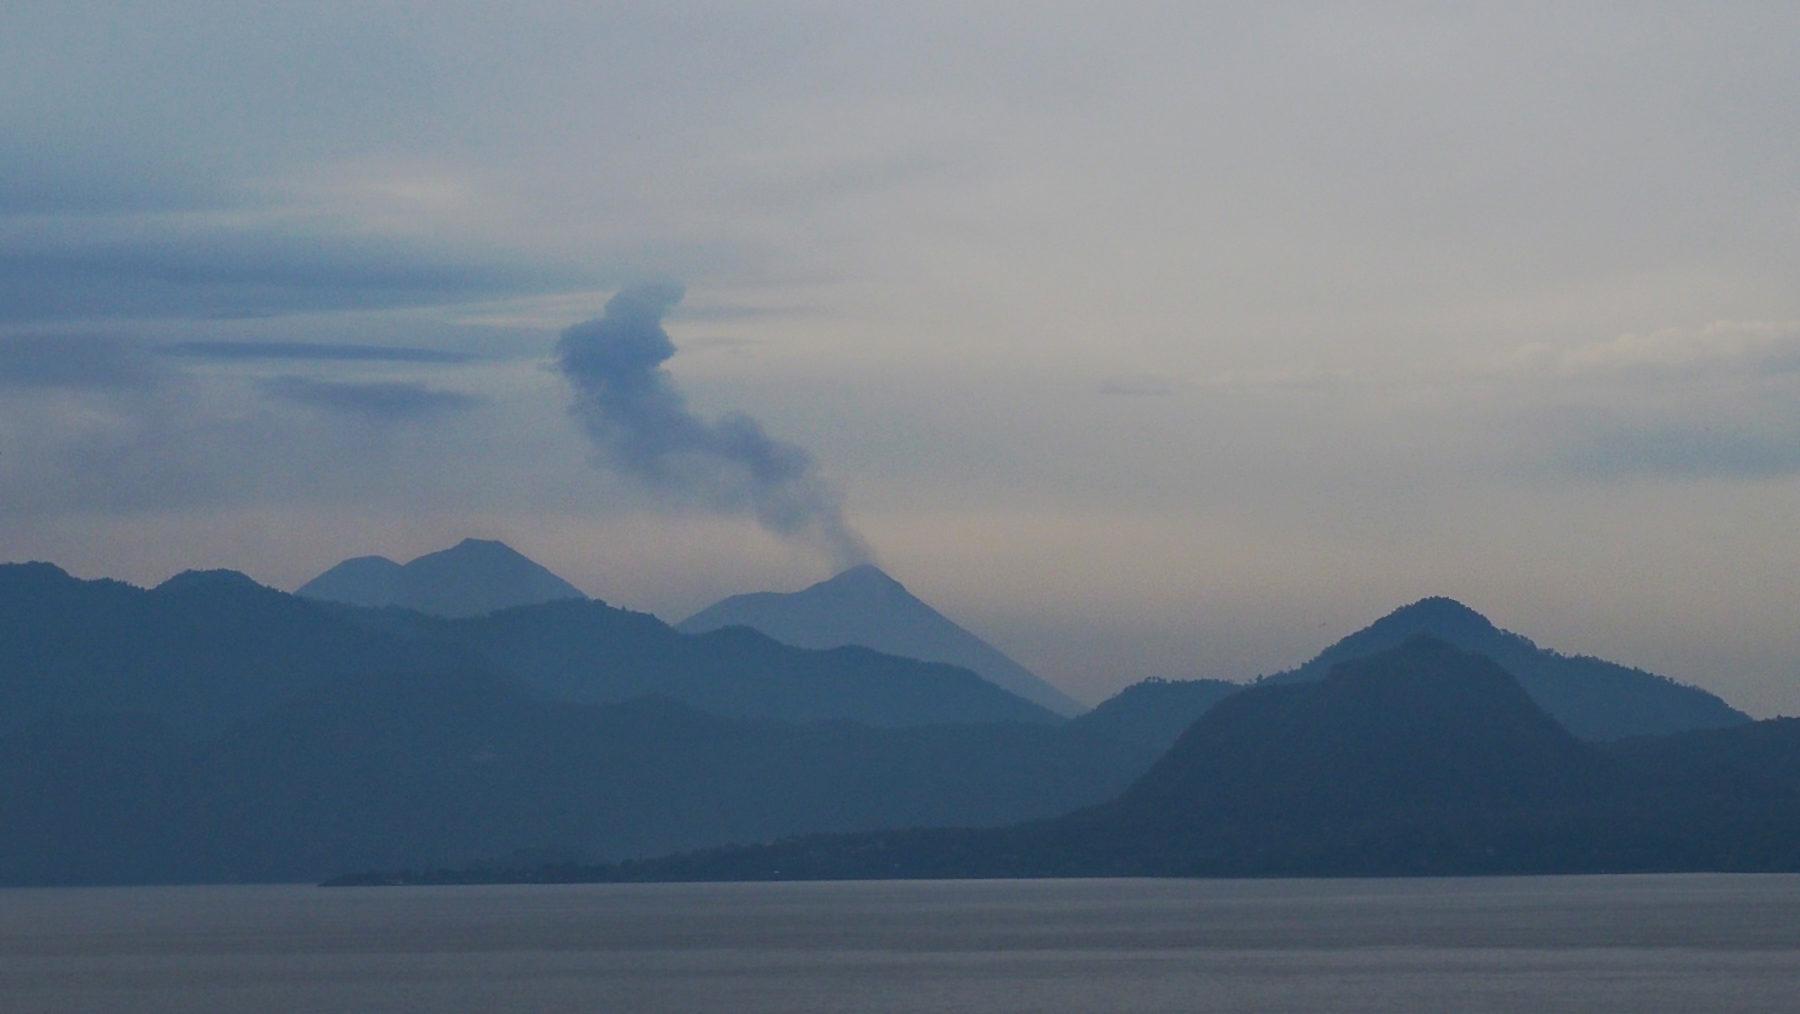 Vulkan El Fuego in der Ferne